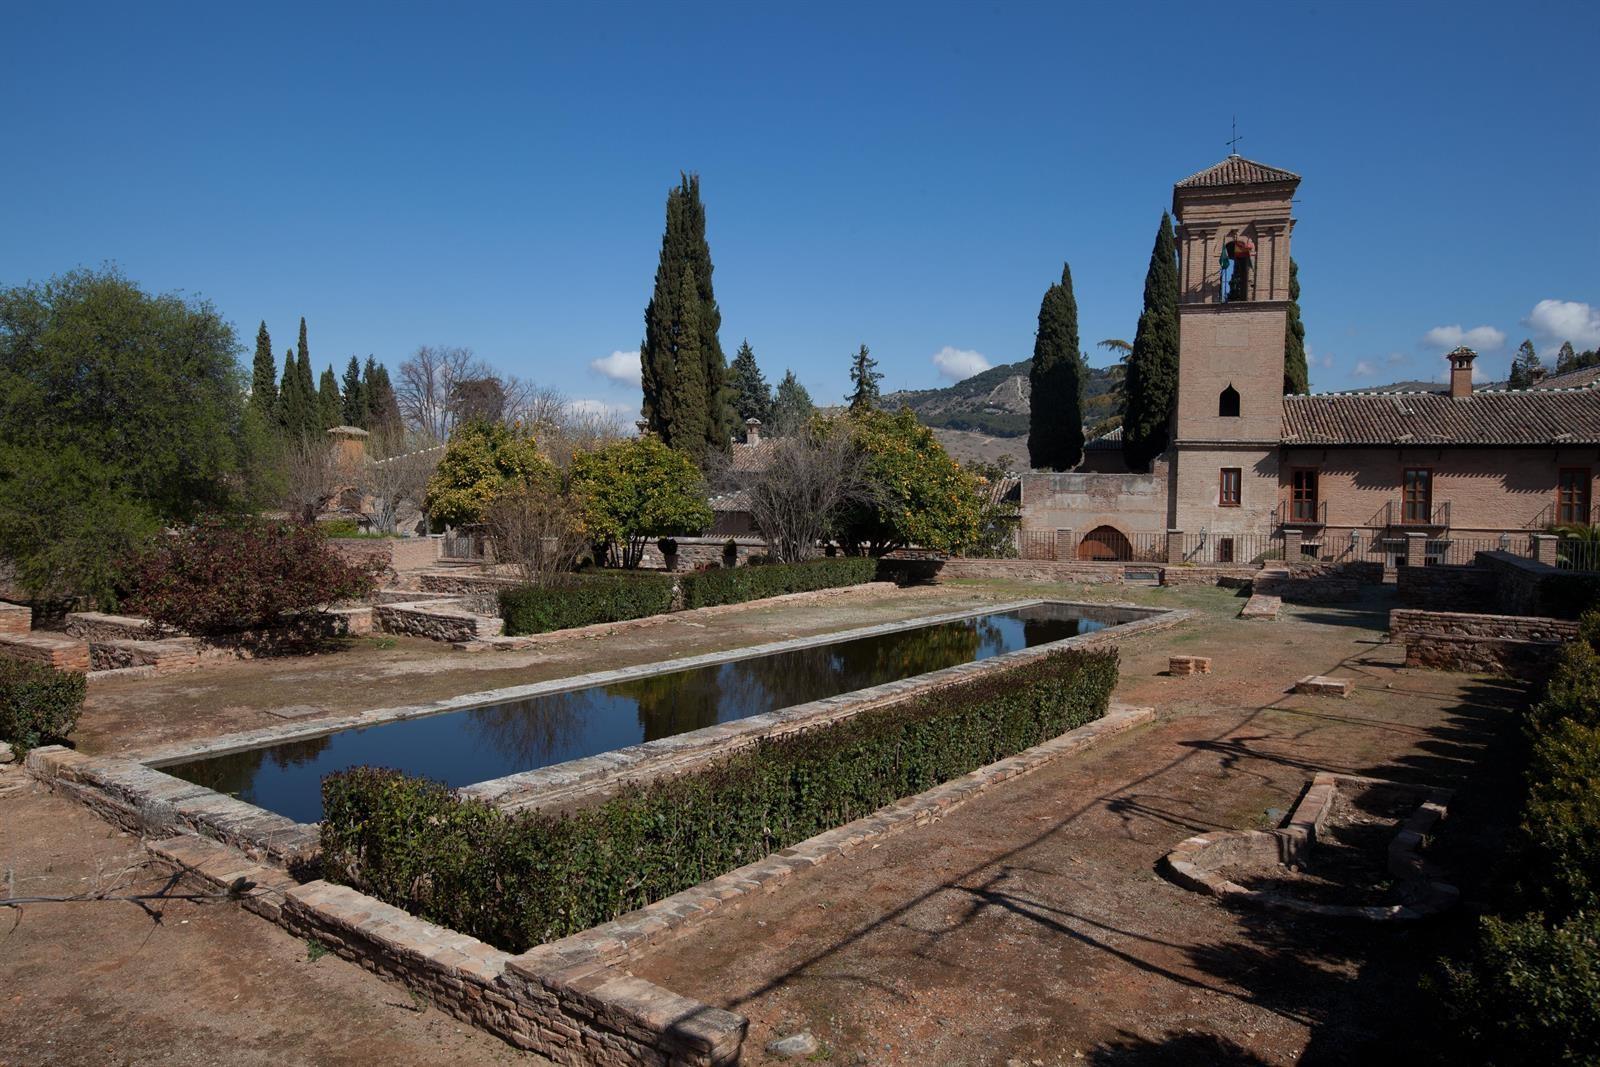 La pandemia provoca un descenso del 71 por ciento de visitantes en la Alhambra